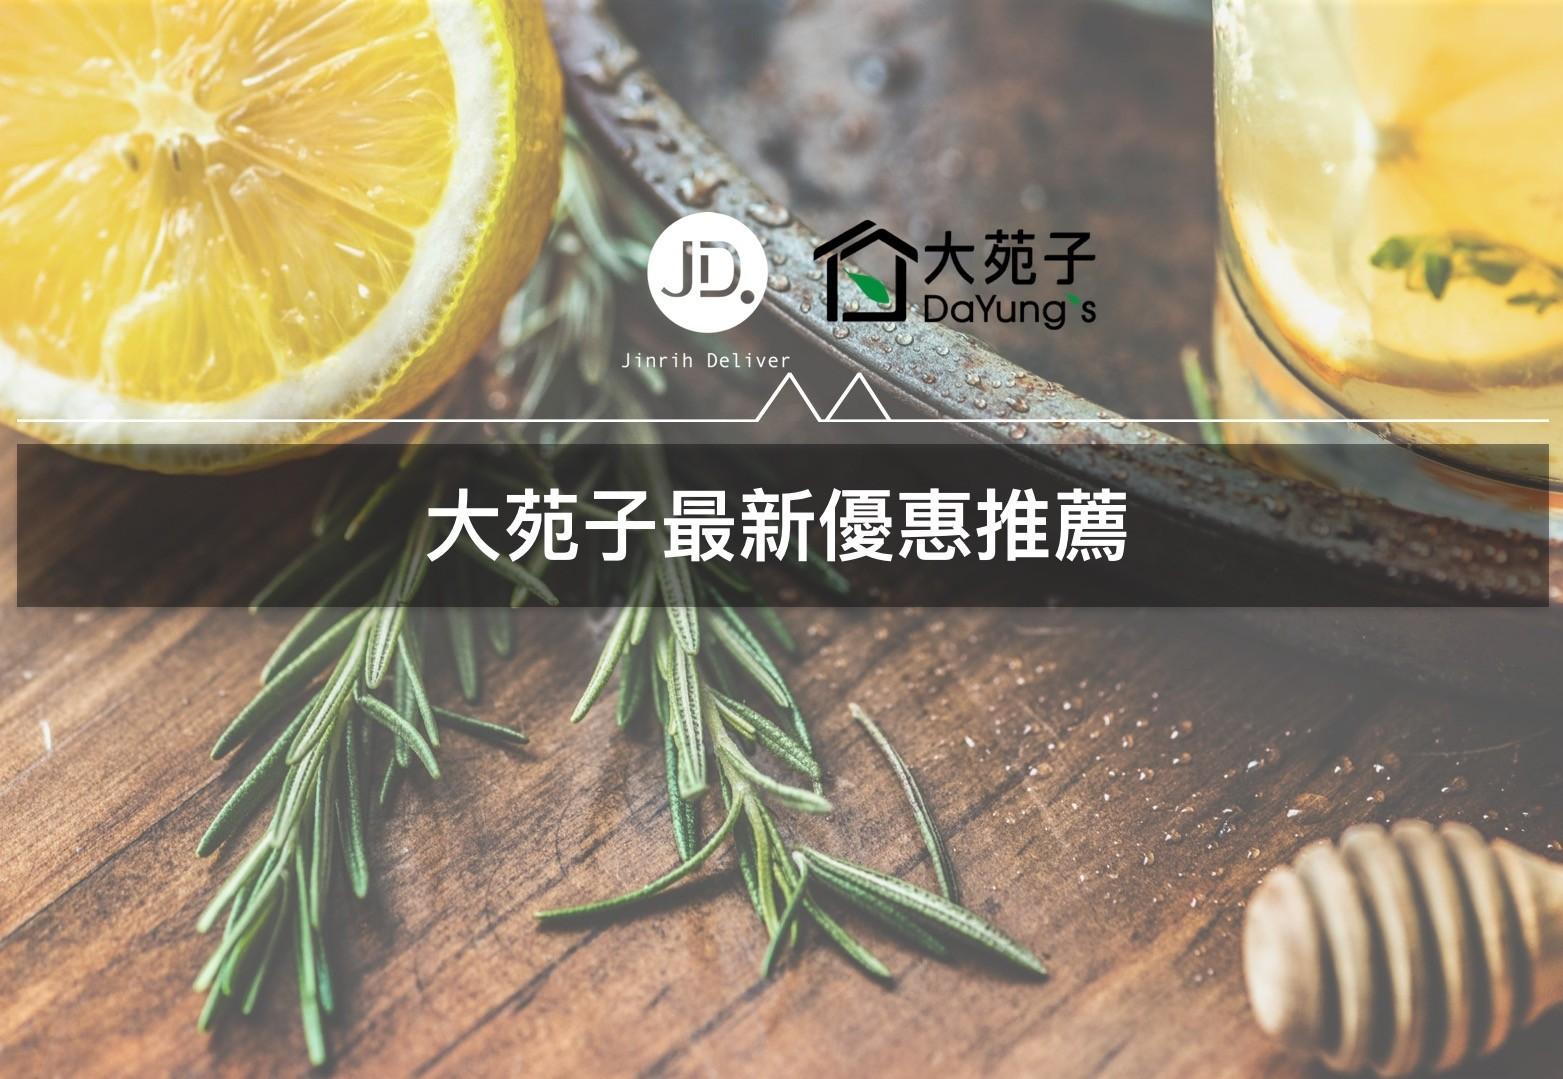 大苑子【APP最新優惠推薦】檔期飲料買一送一